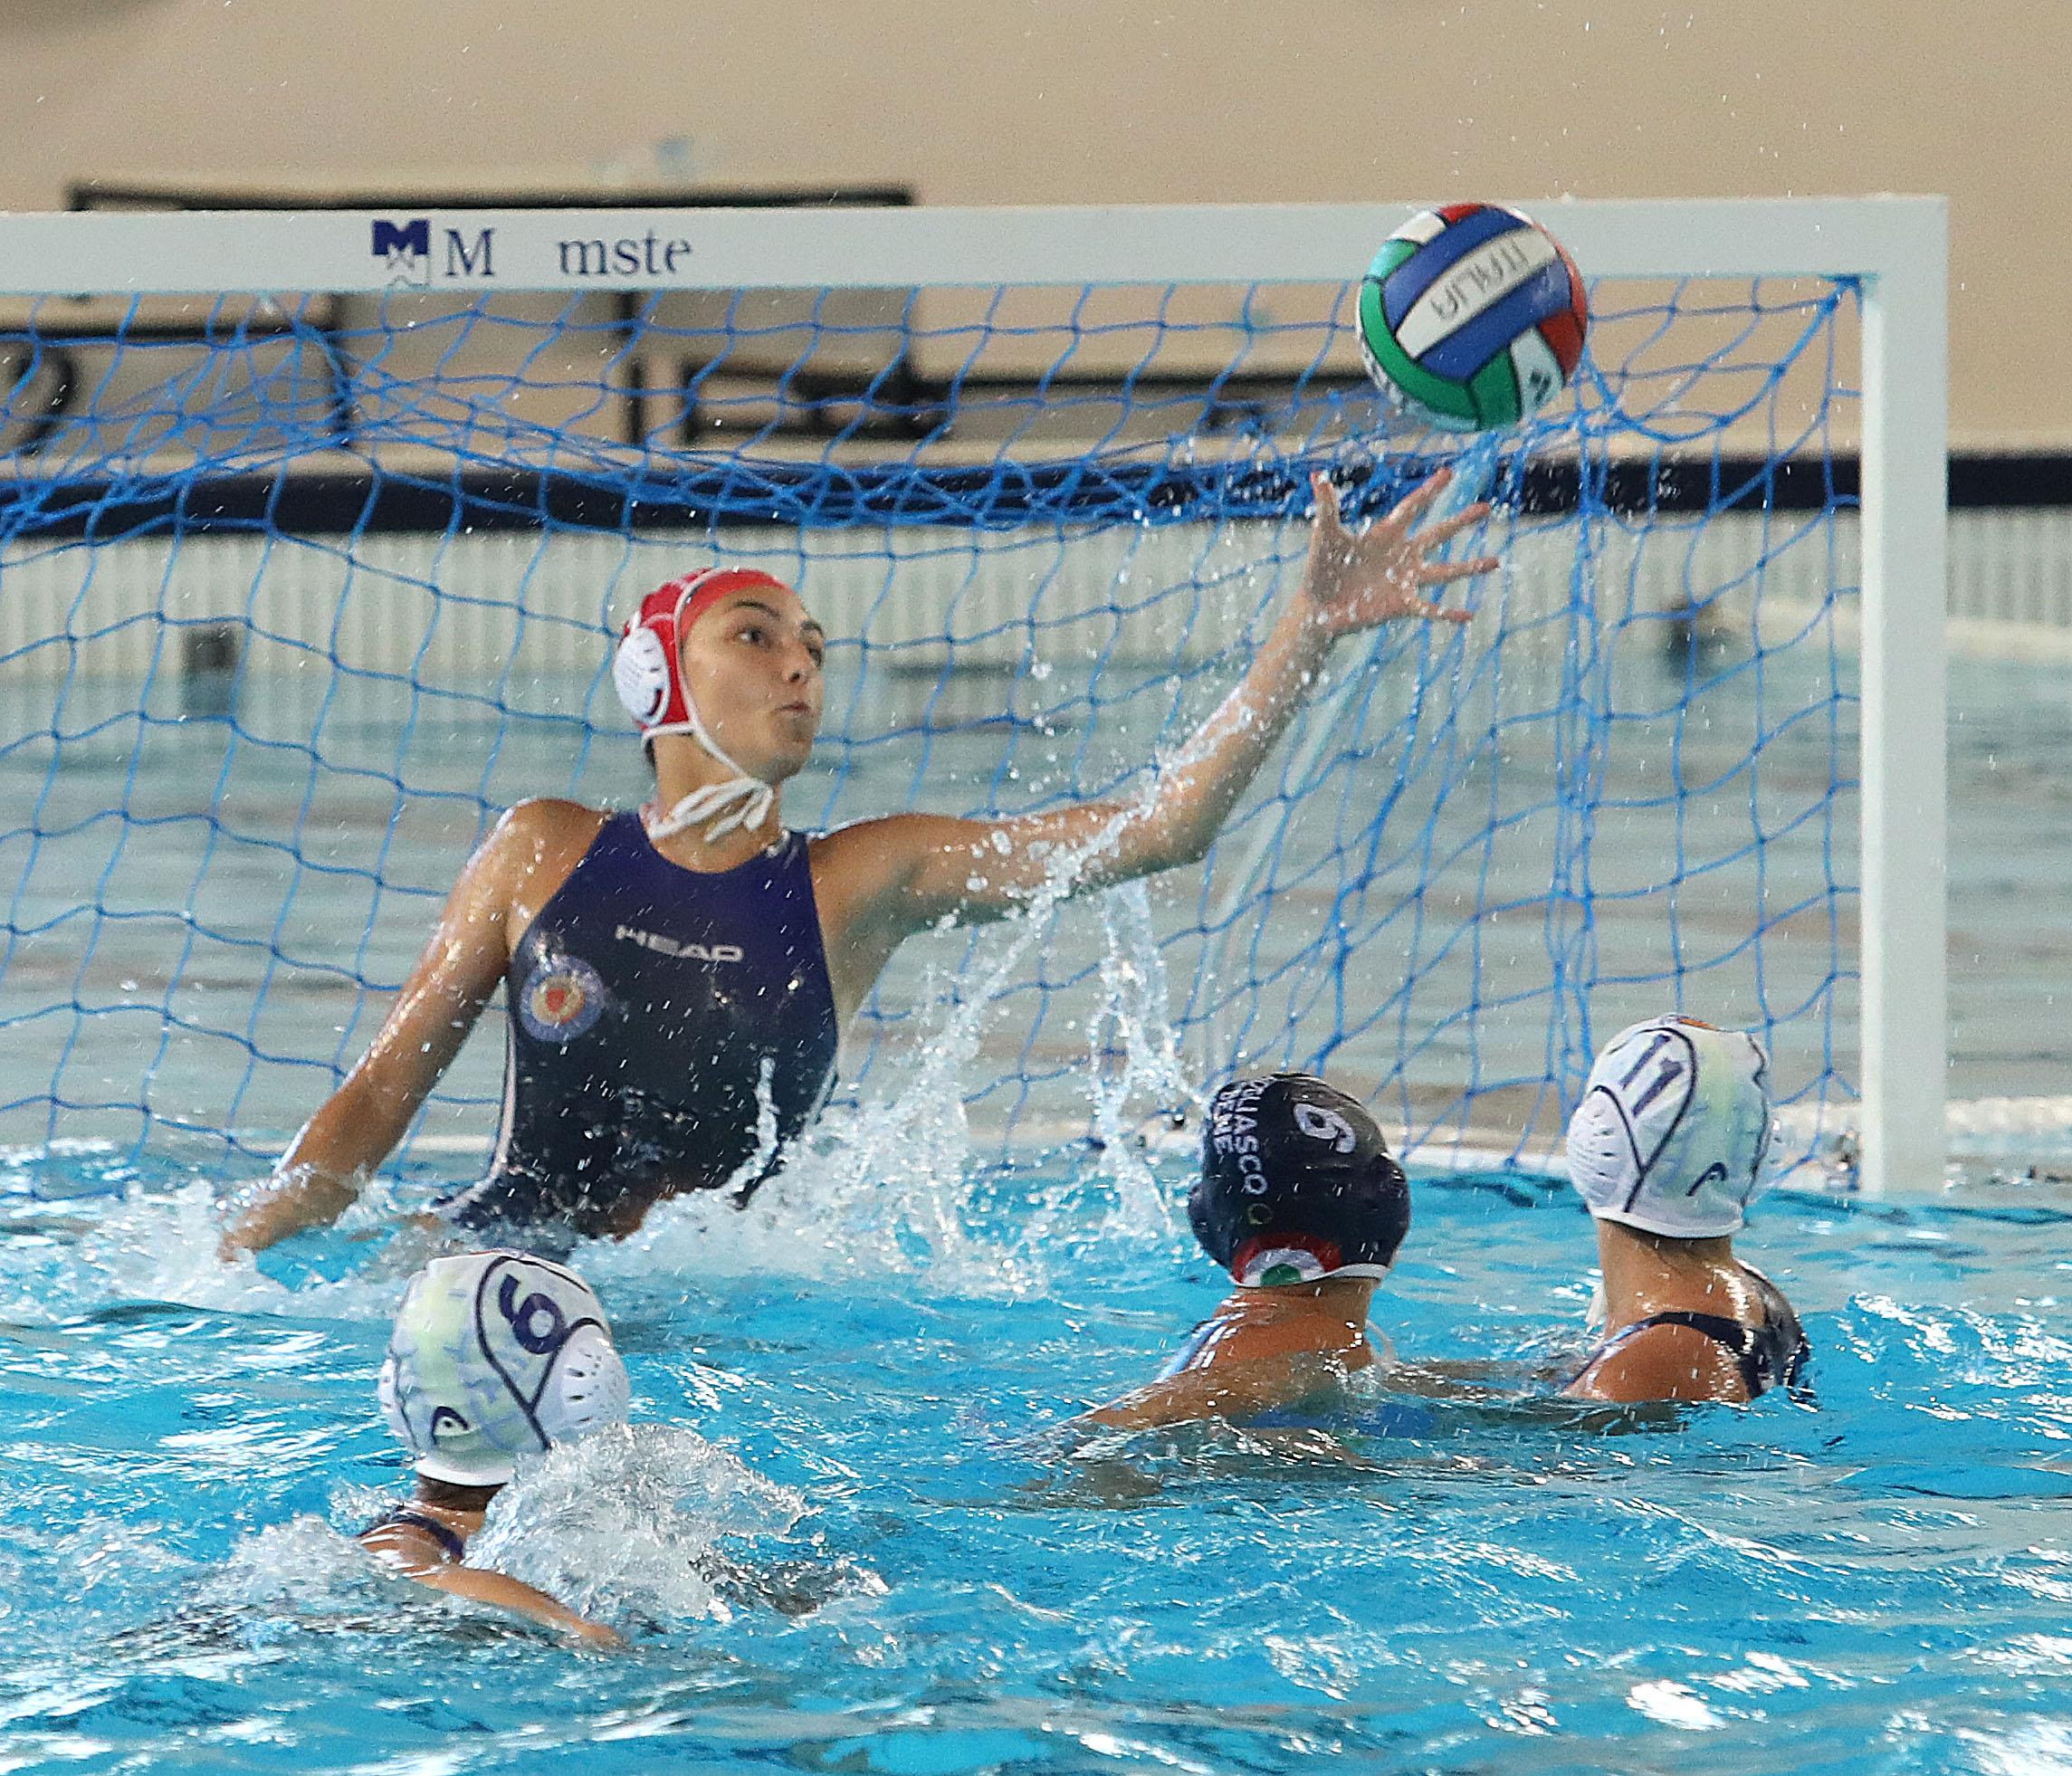 Under 15 femminile: finali scudetto, la Pallanuoto Trieste batte l'Acquachiara (8-2) e vola in semifinale